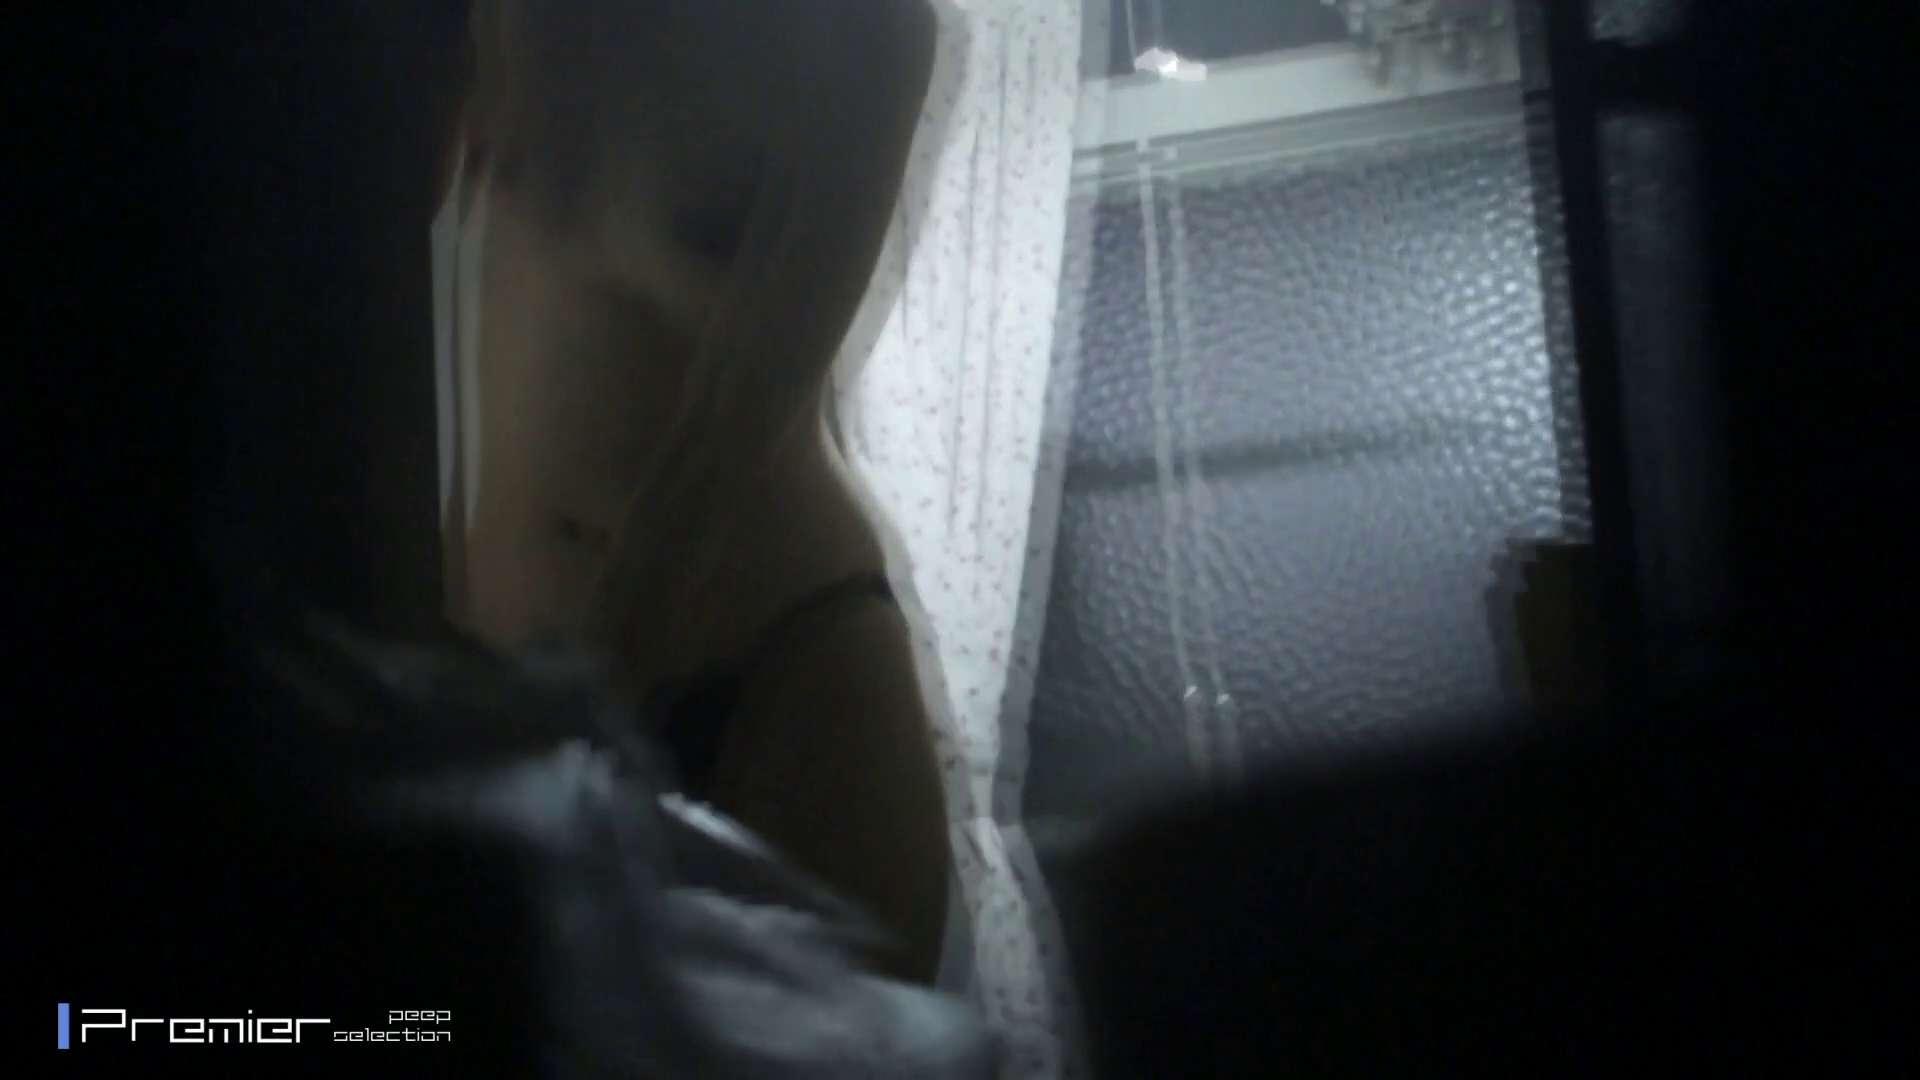 美人限定★女子大生の私生活★詰合せ 美女達の私生活に潜入! 美乳 ワレメ動画紹介 106画像 21